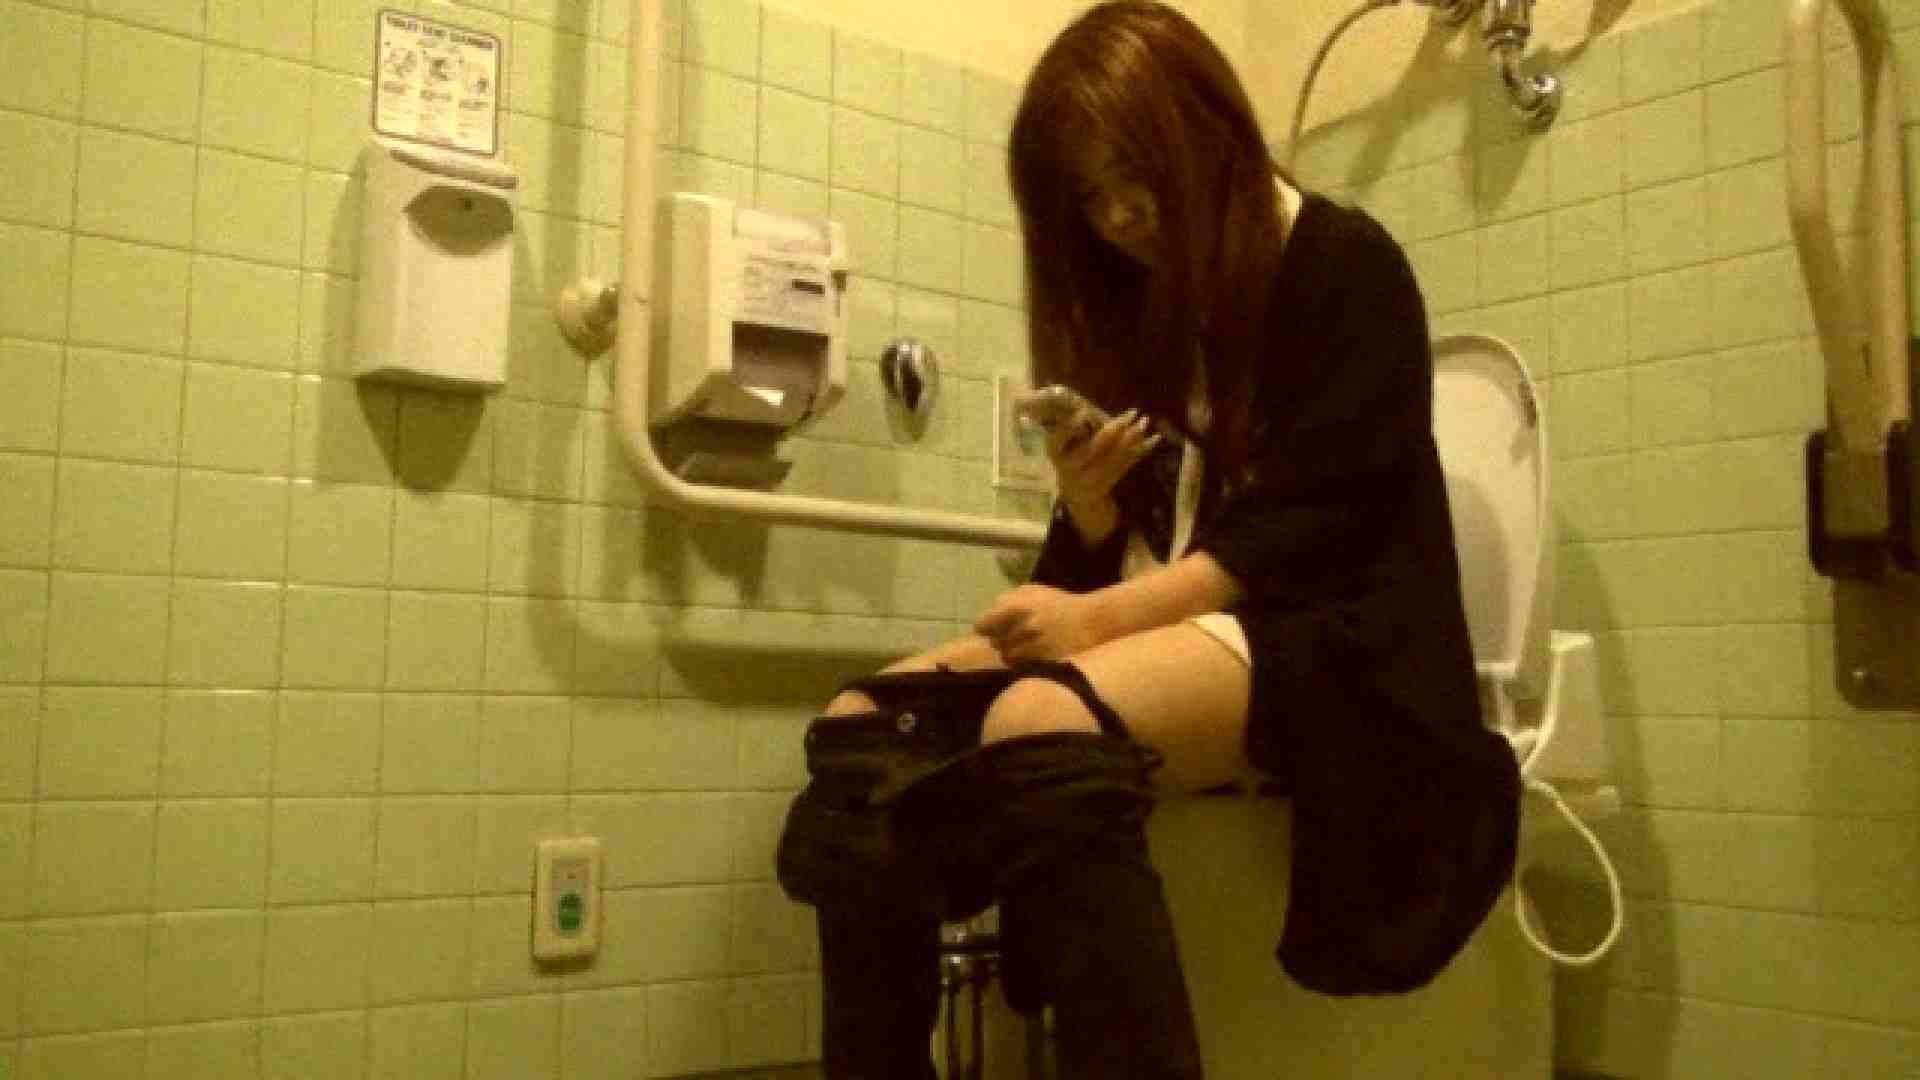 魔術師の お・も・て・な・し vol.26 19歳のバーの店員さんの洗面所をしばし… OLの実態   イタズラ  90pic 76